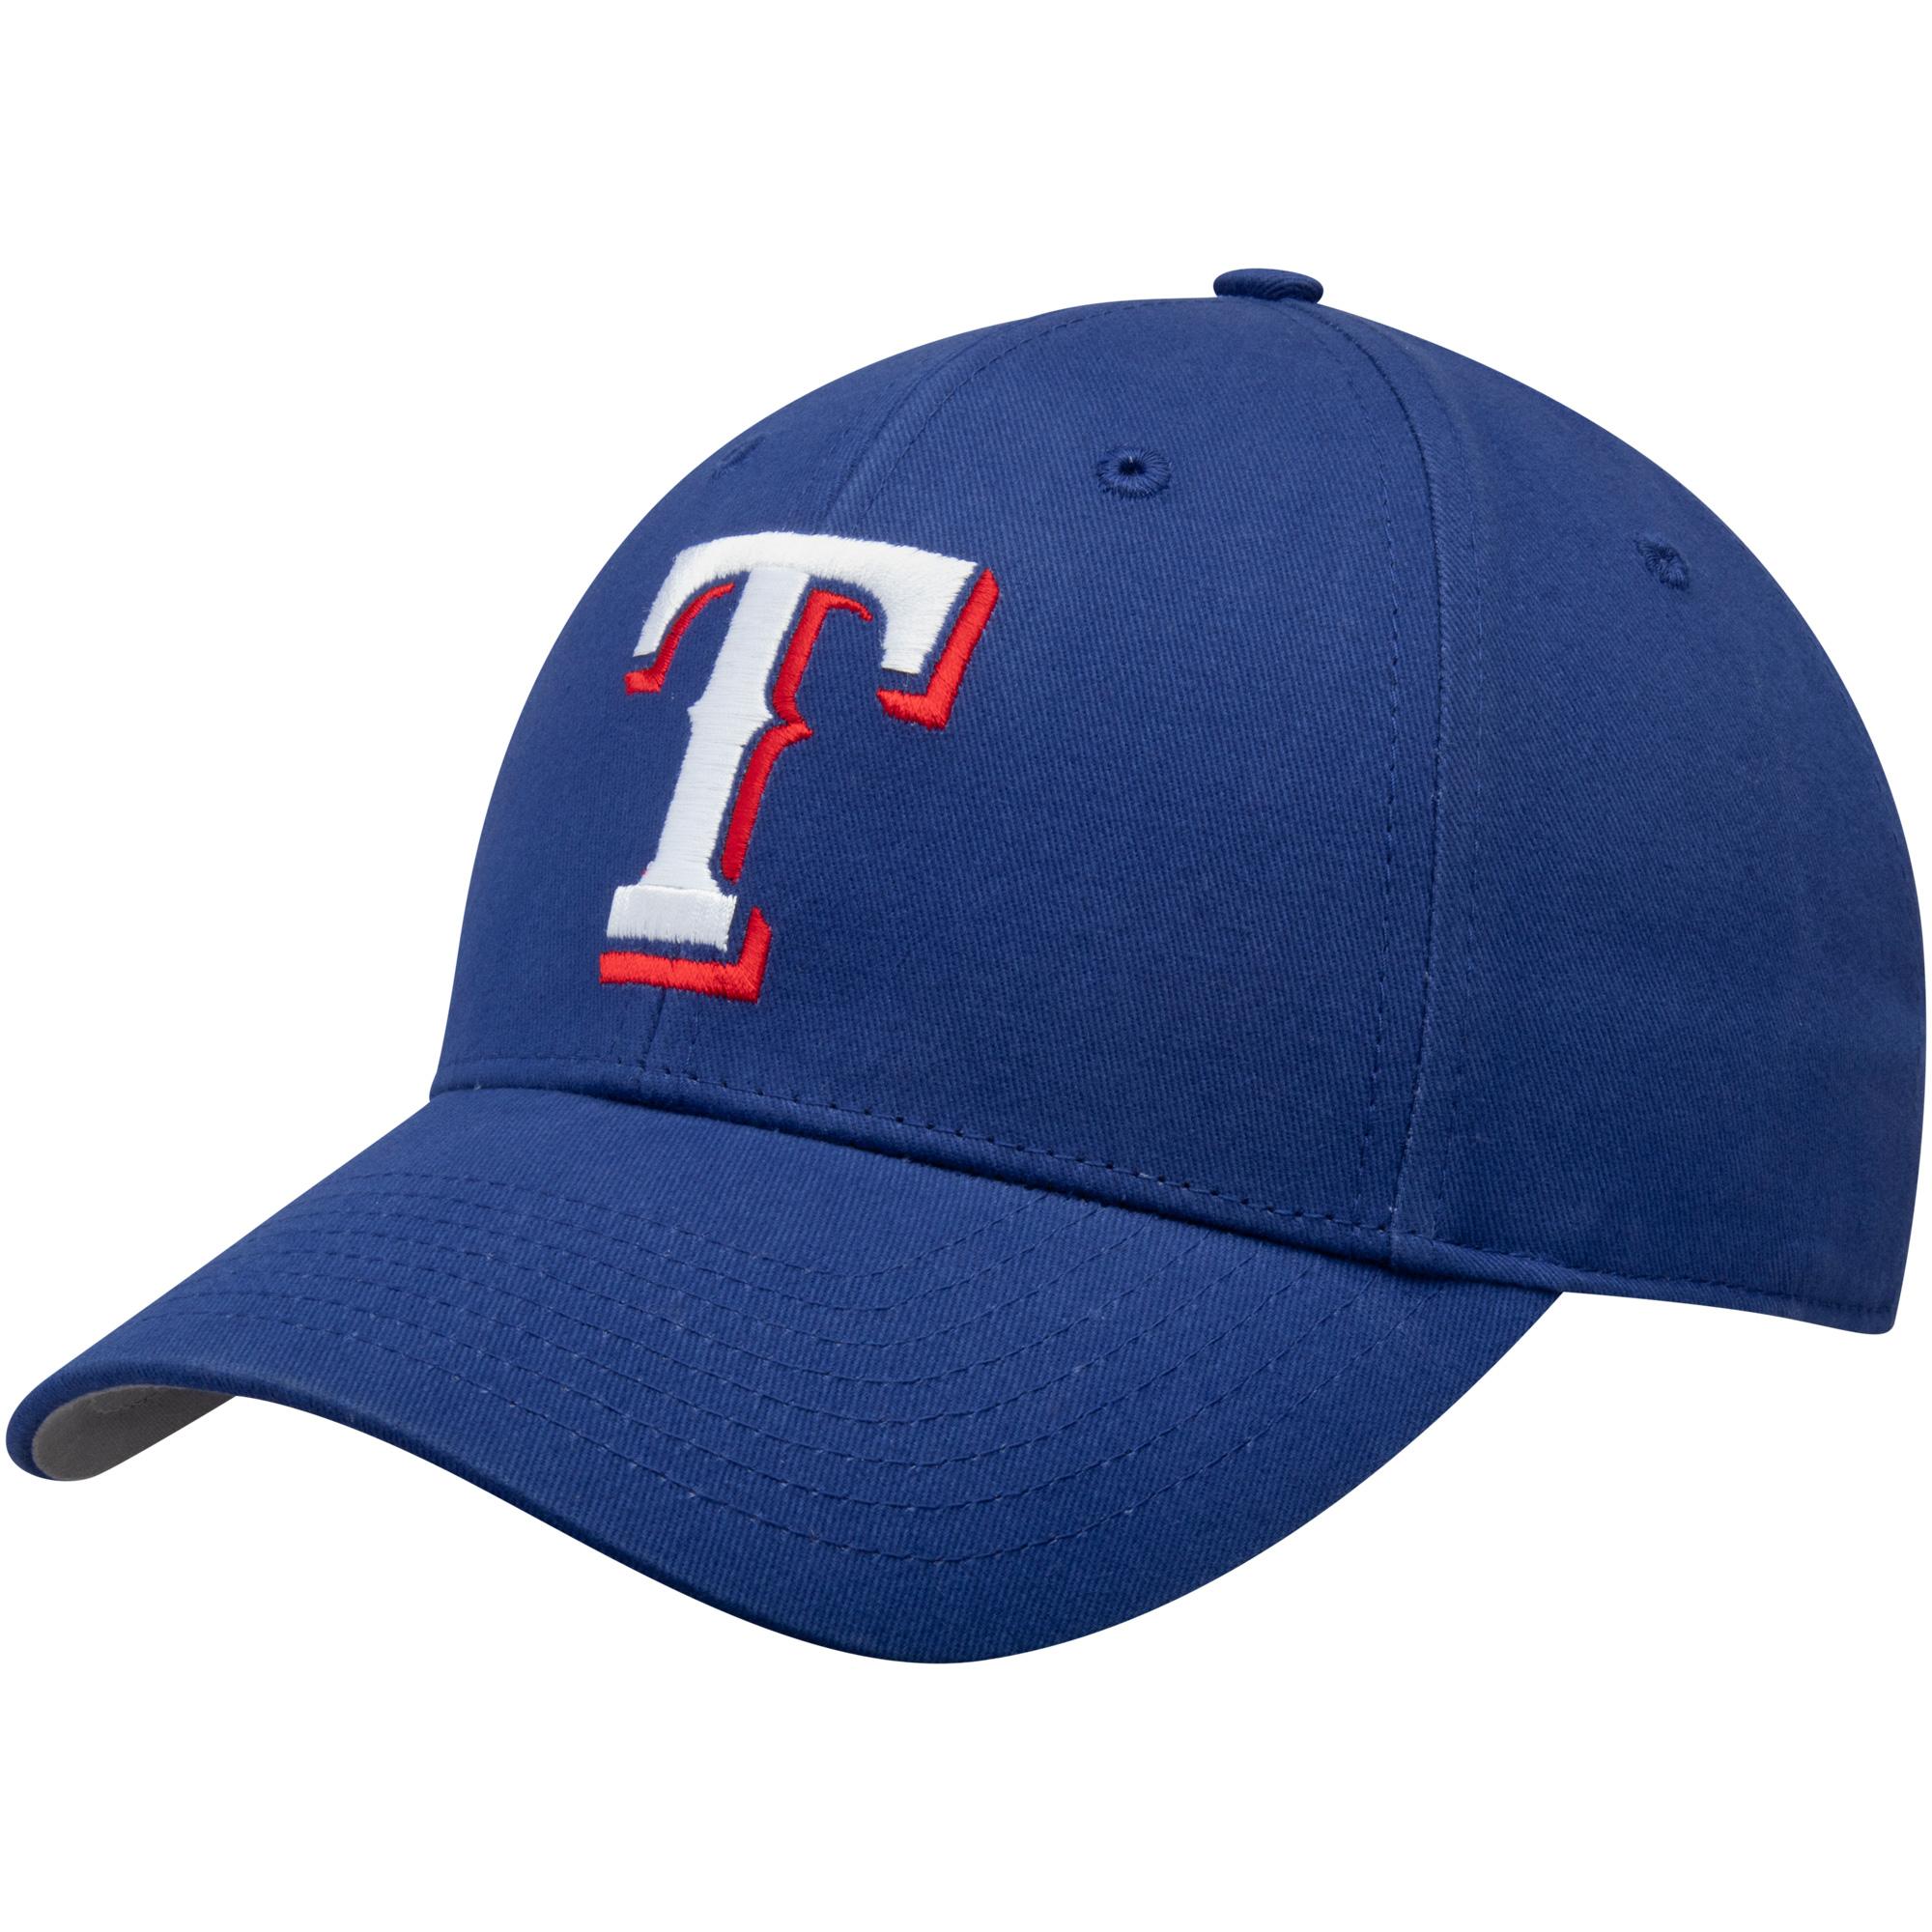 MLB Texas Rangers Basic Cap / Hat by Fan Favorite